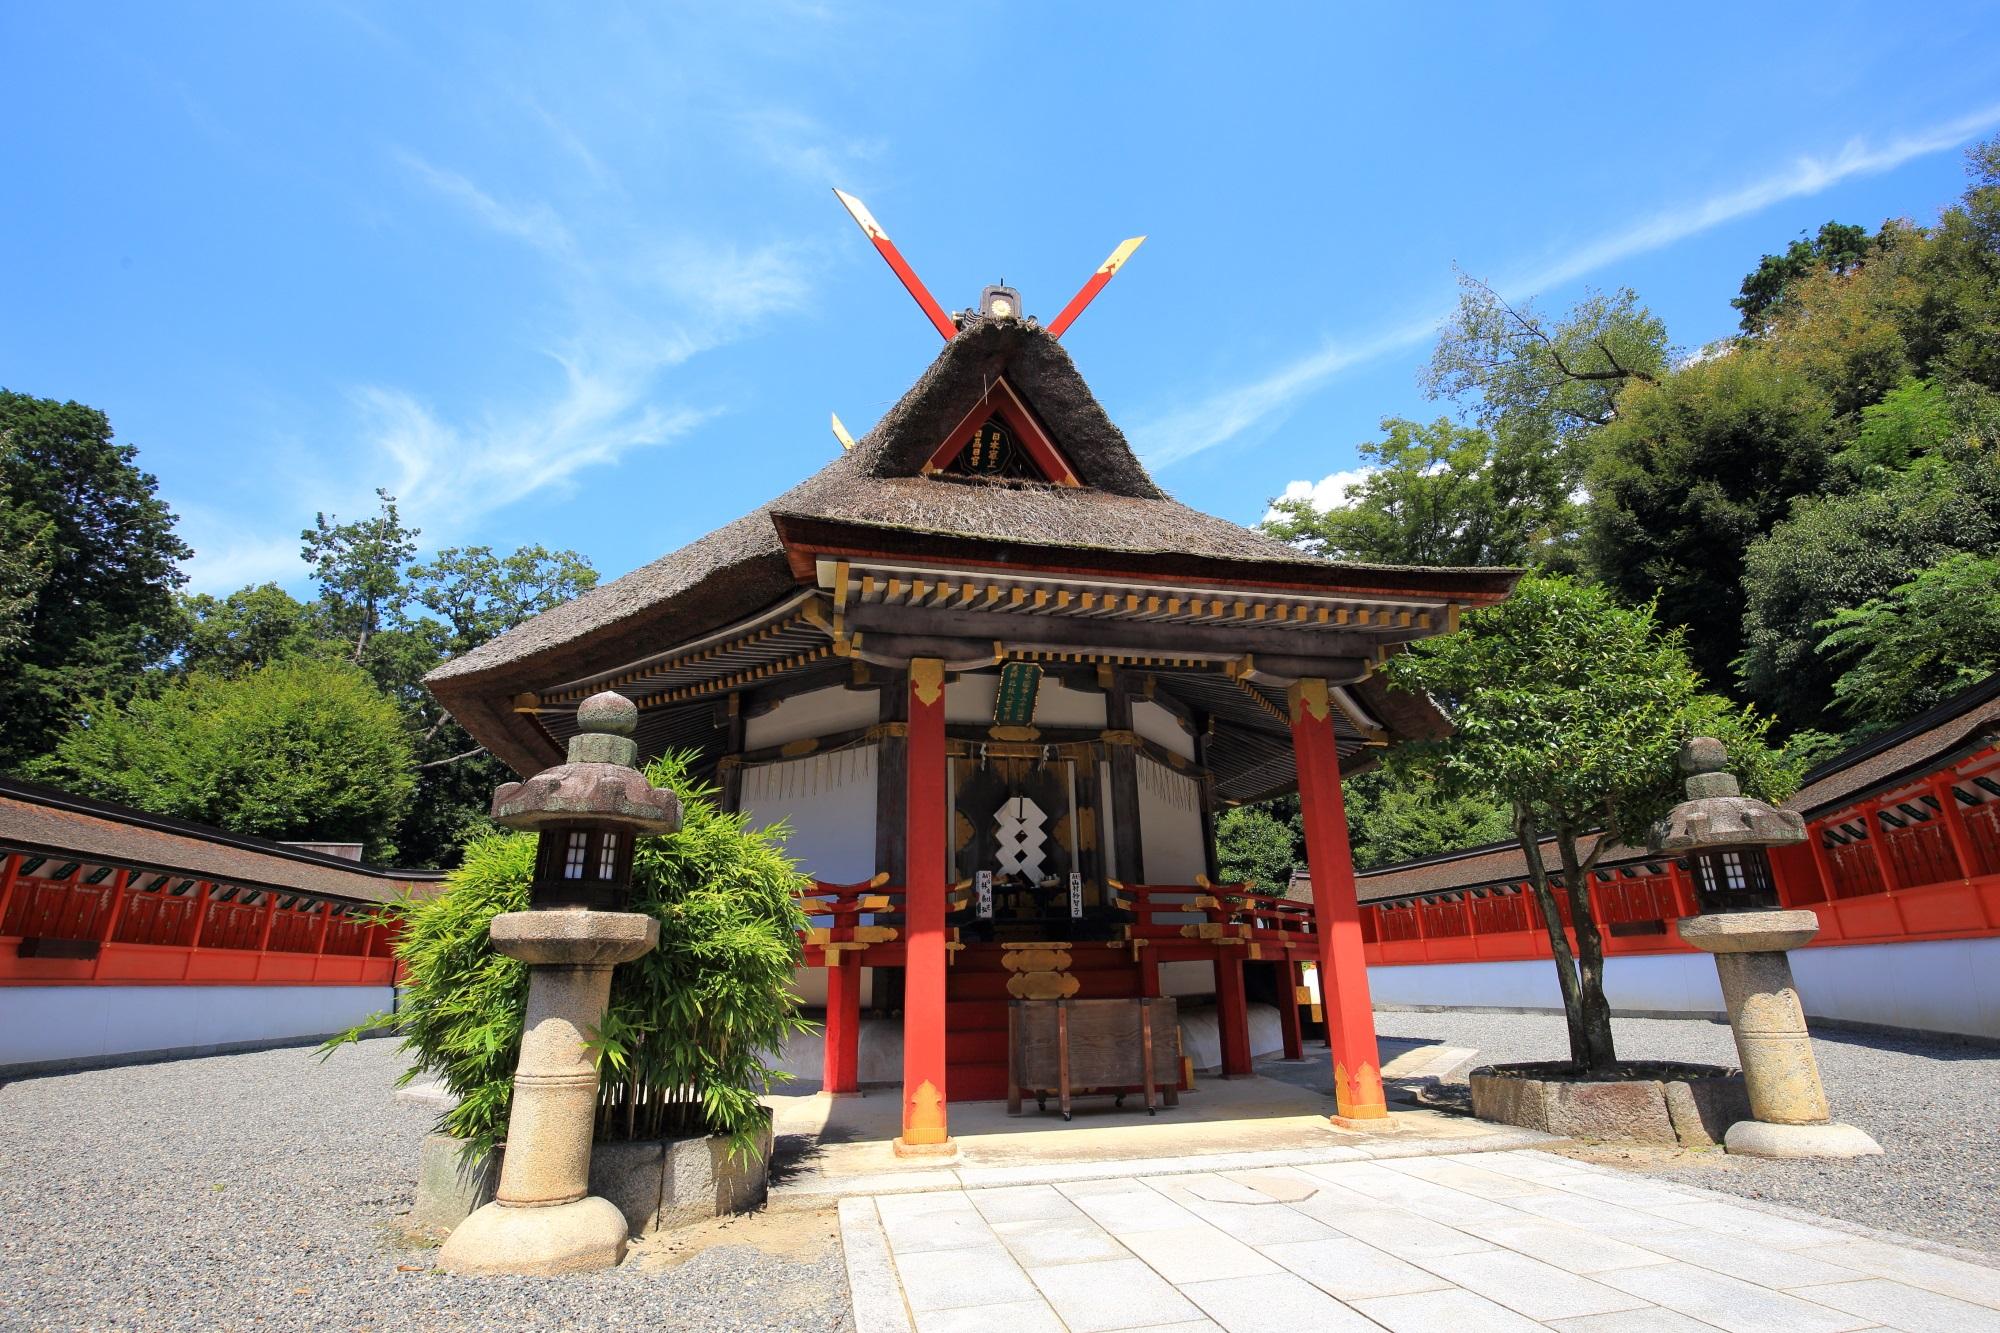 吉田神社末社の八角形の斎場所大元宮